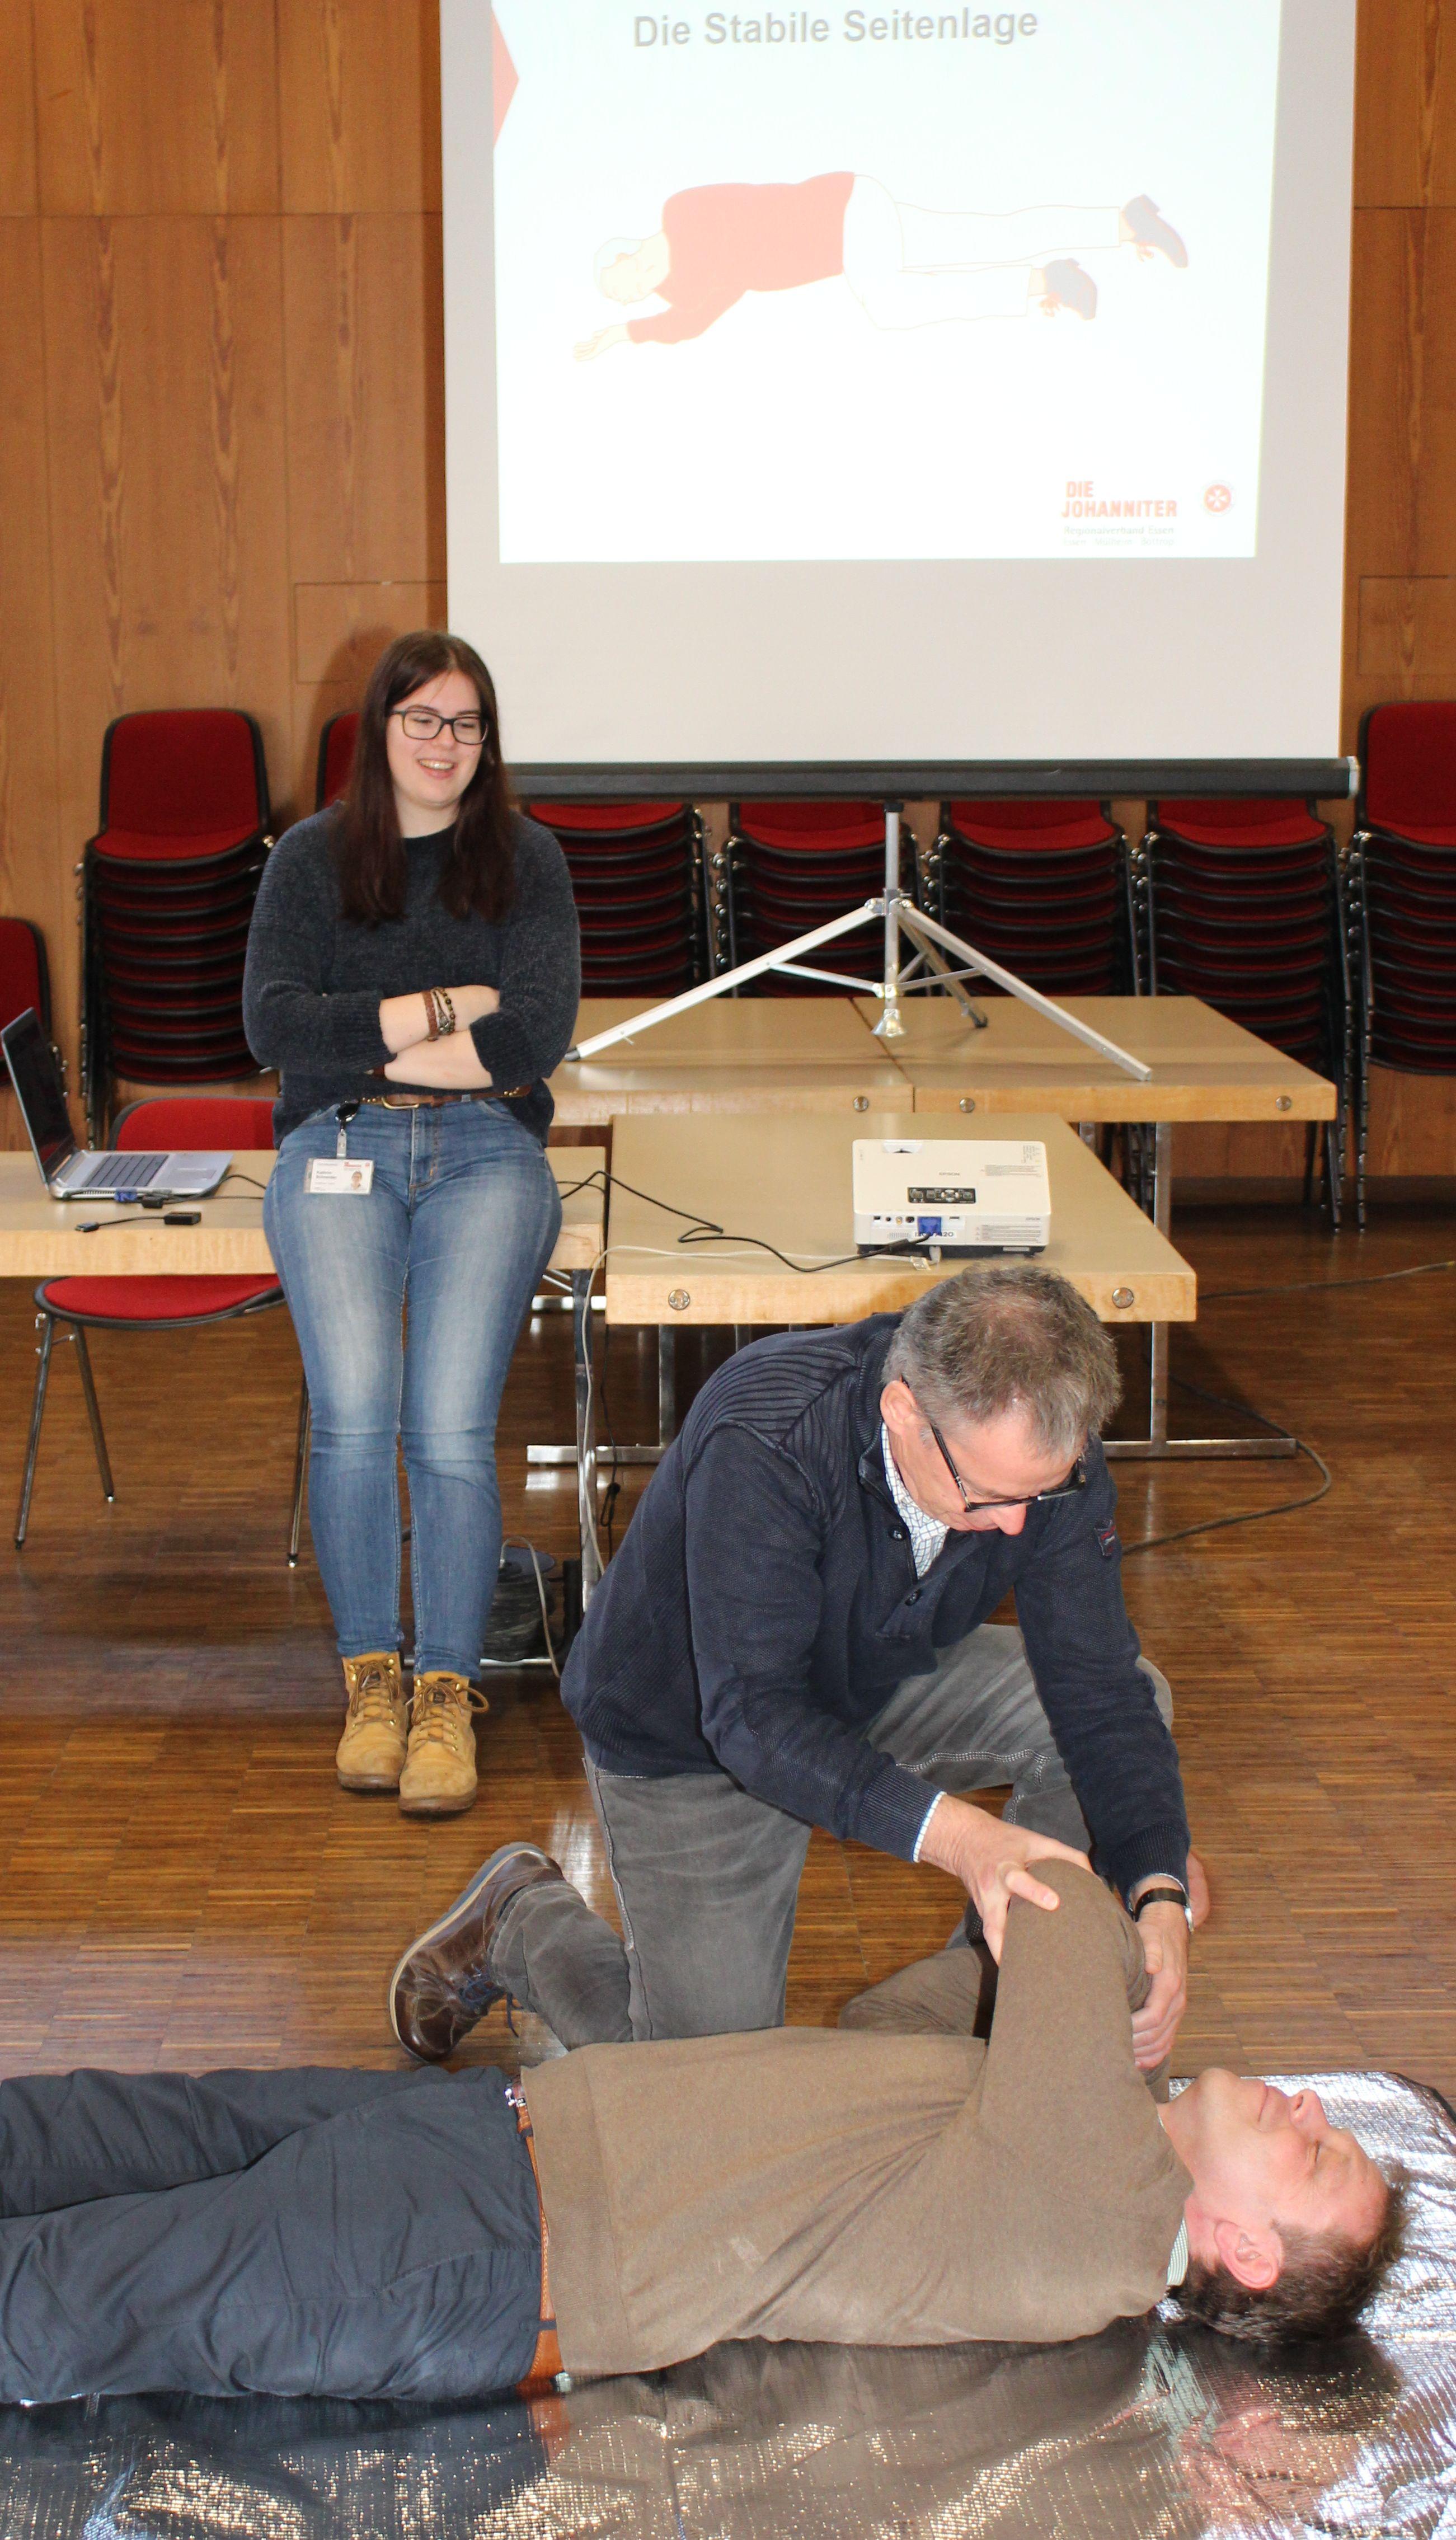 Mitarbeiter/-innen In Erster Hilfe Und Am Defibrillator Geschult